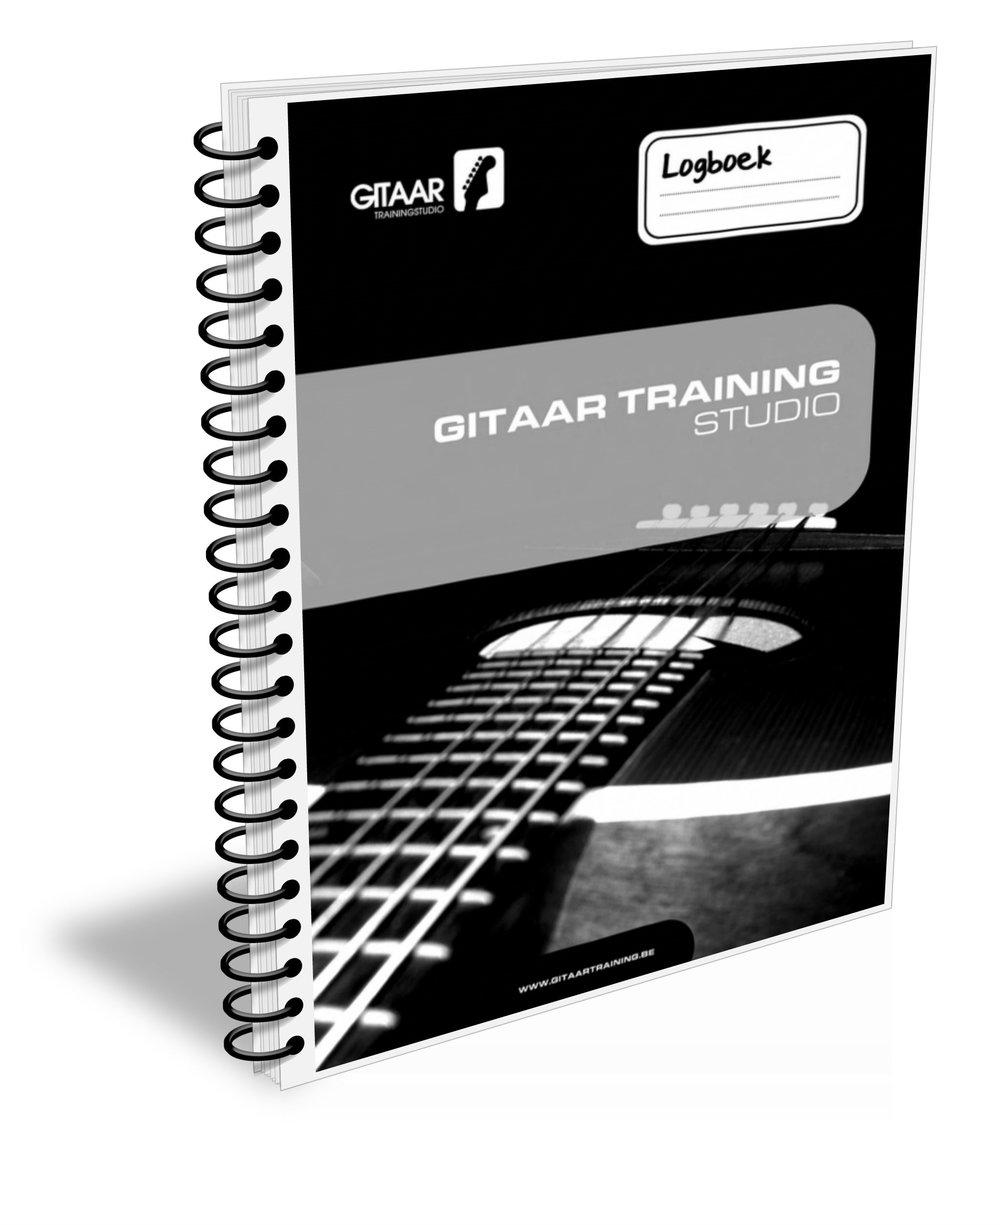 oefenlogboek voor gitaar.jpg